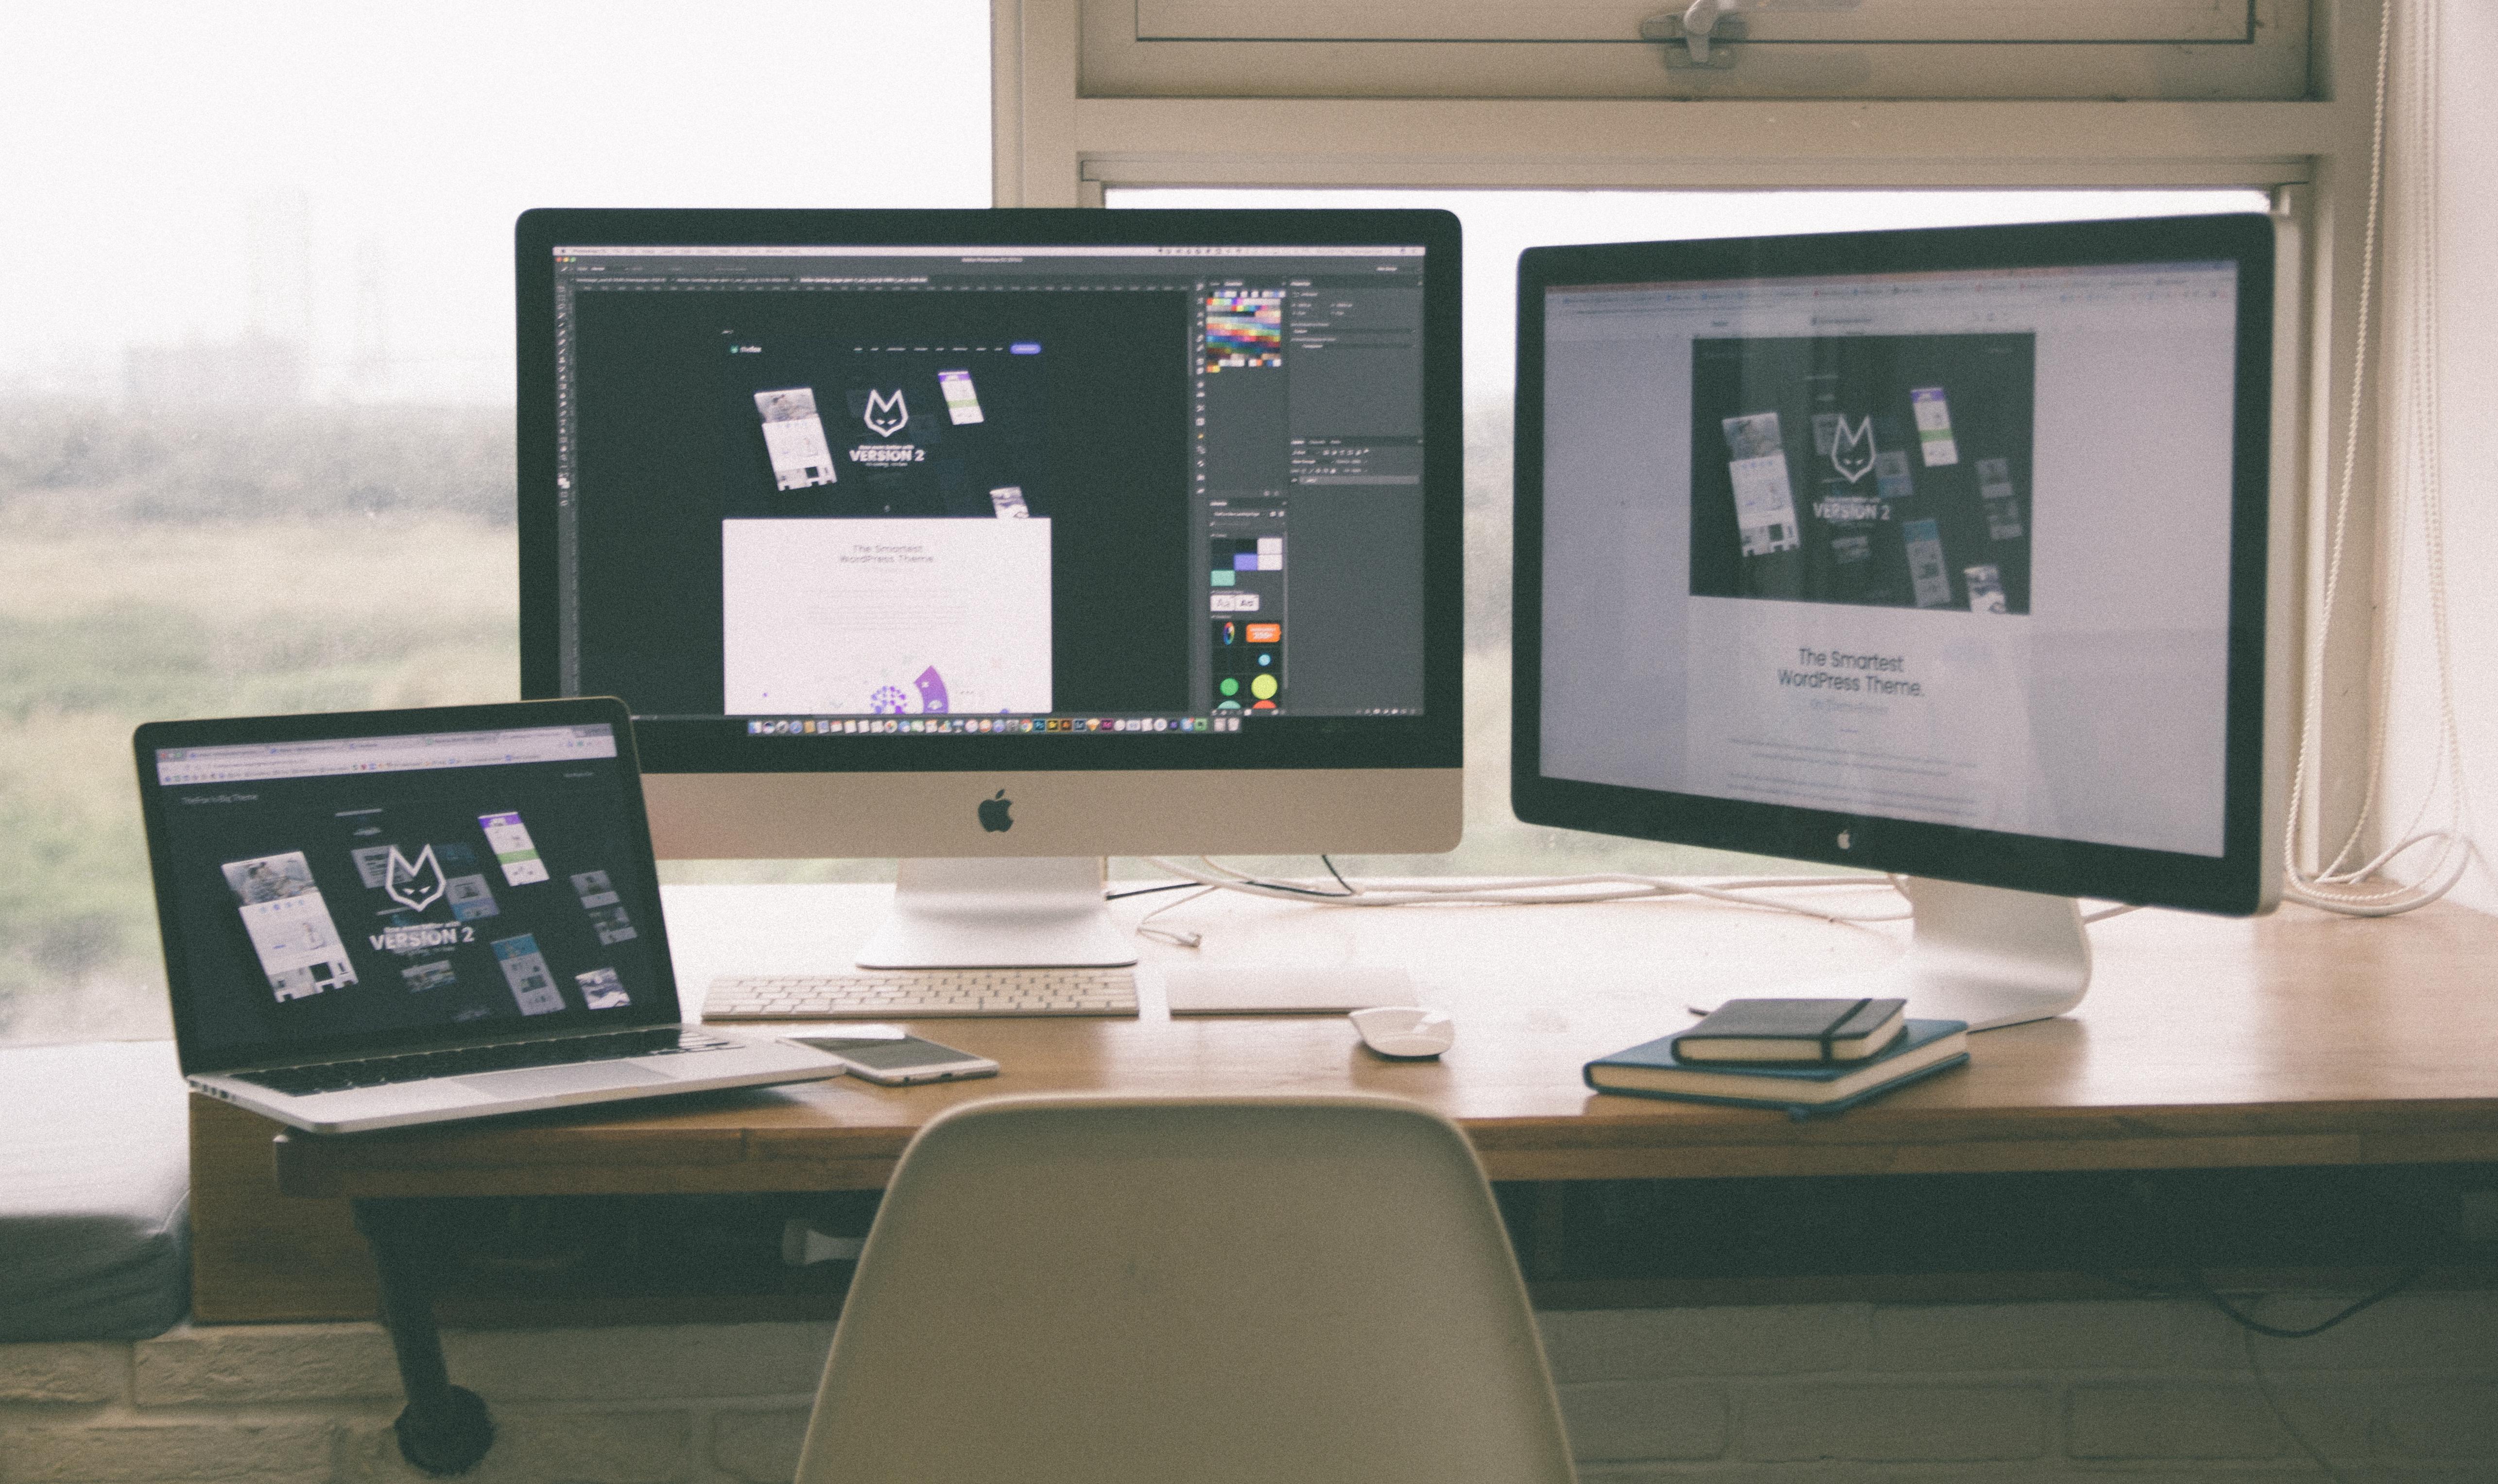 はてなブログで画像のサイズを変更する方法について解説します(HTML・Markdown)